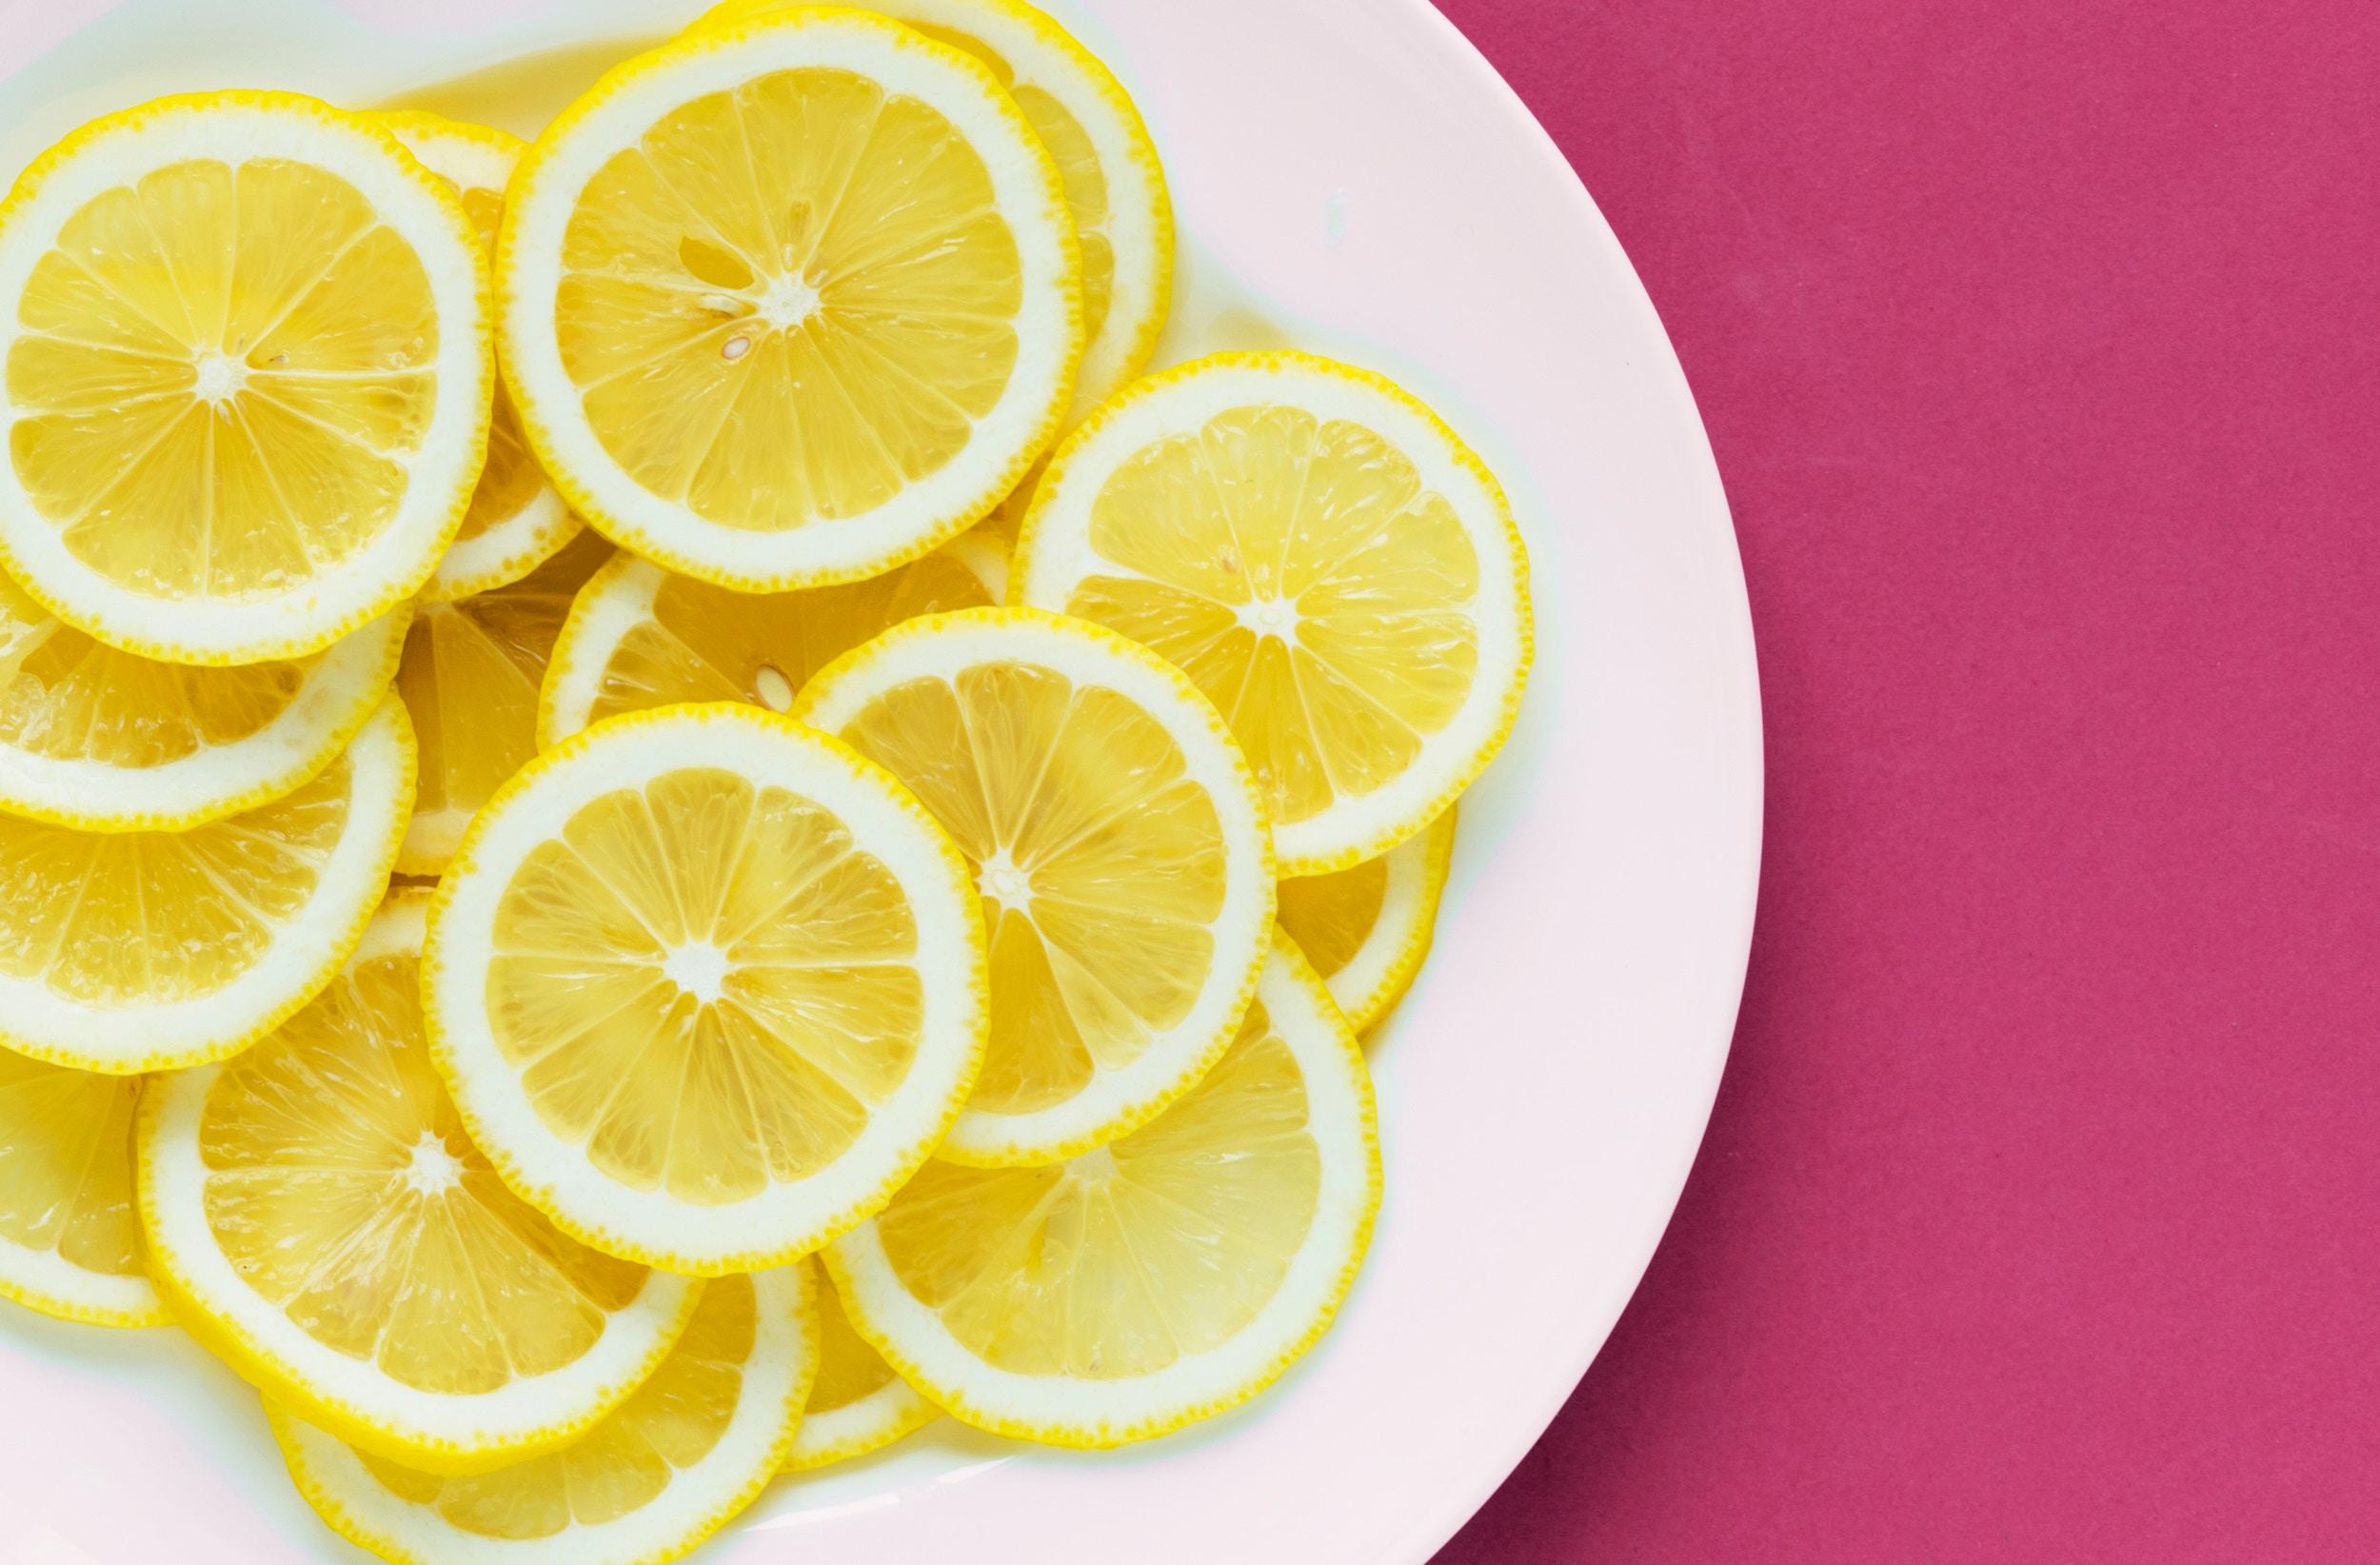 Tre lækre desserter med citron